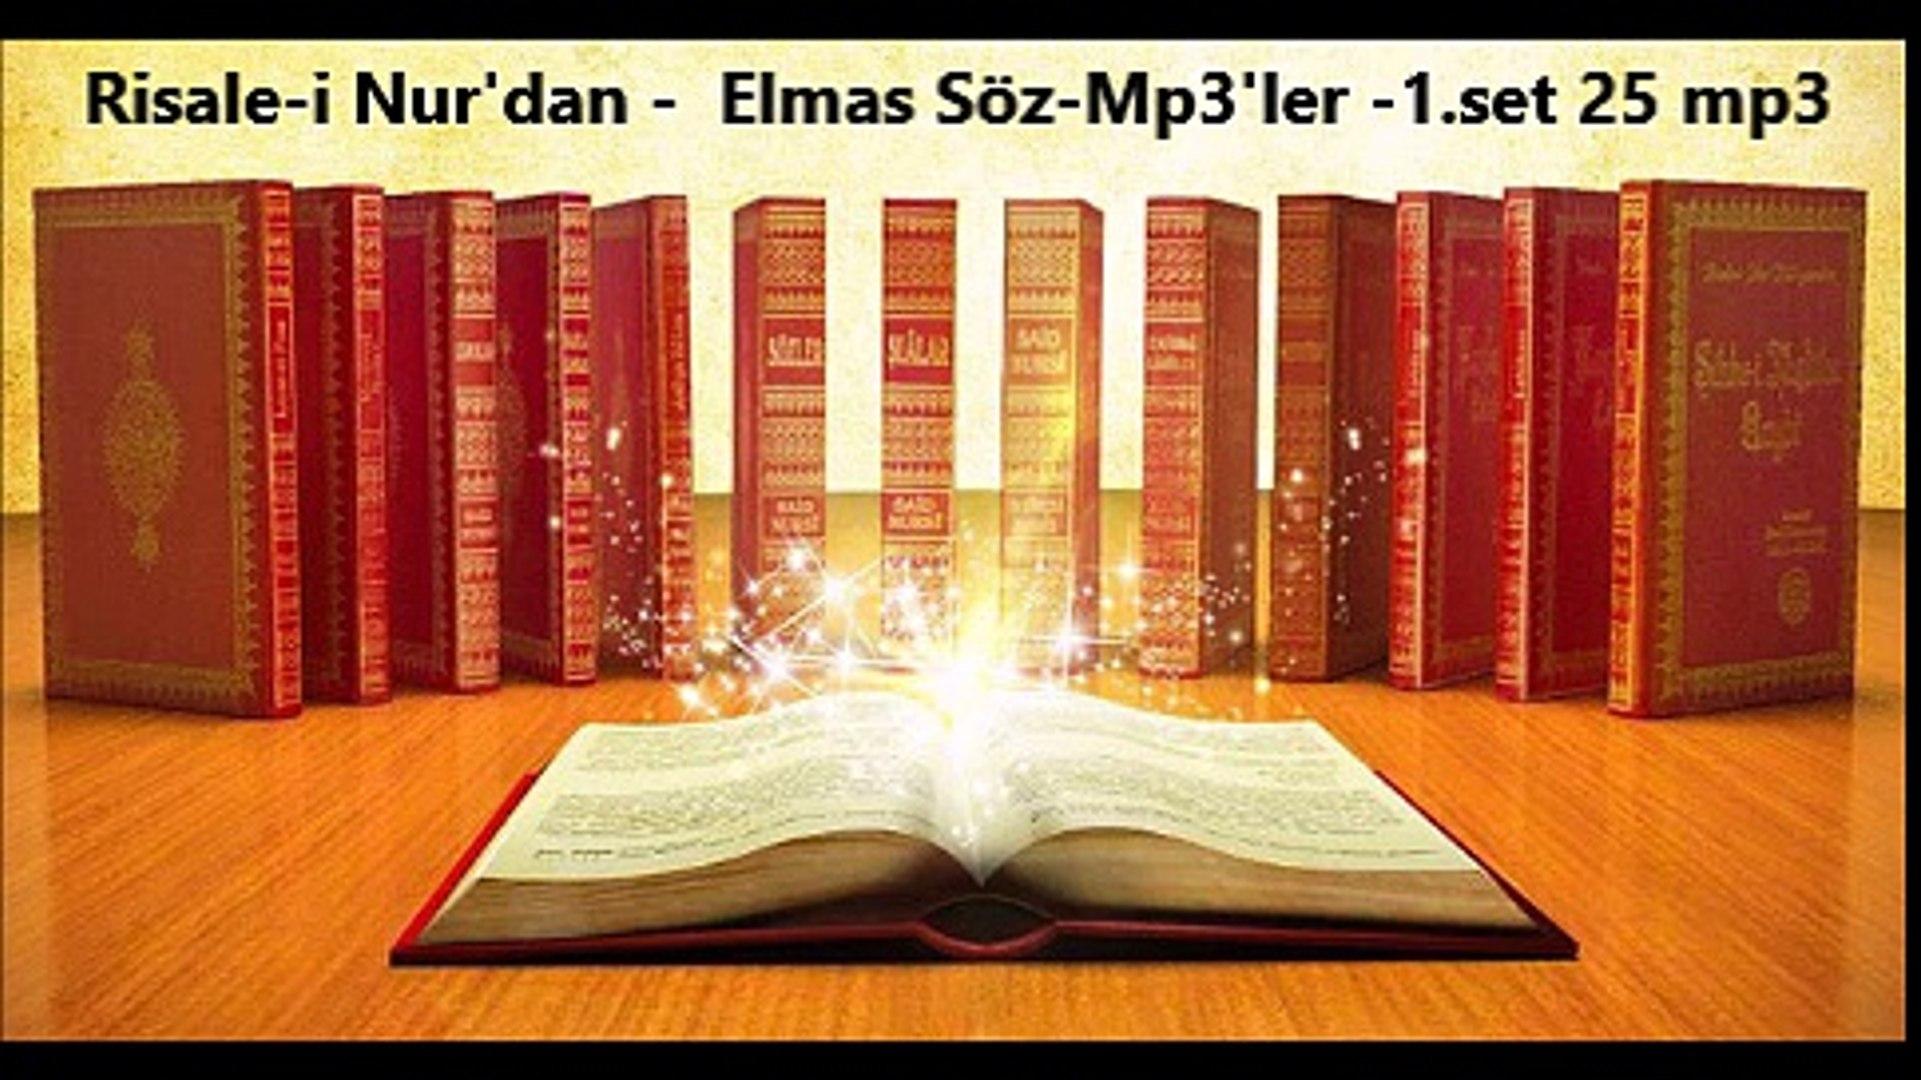 Risale-i Nur'dan -  Elmas Söz-Mp3'ler -1.set 25 mp3